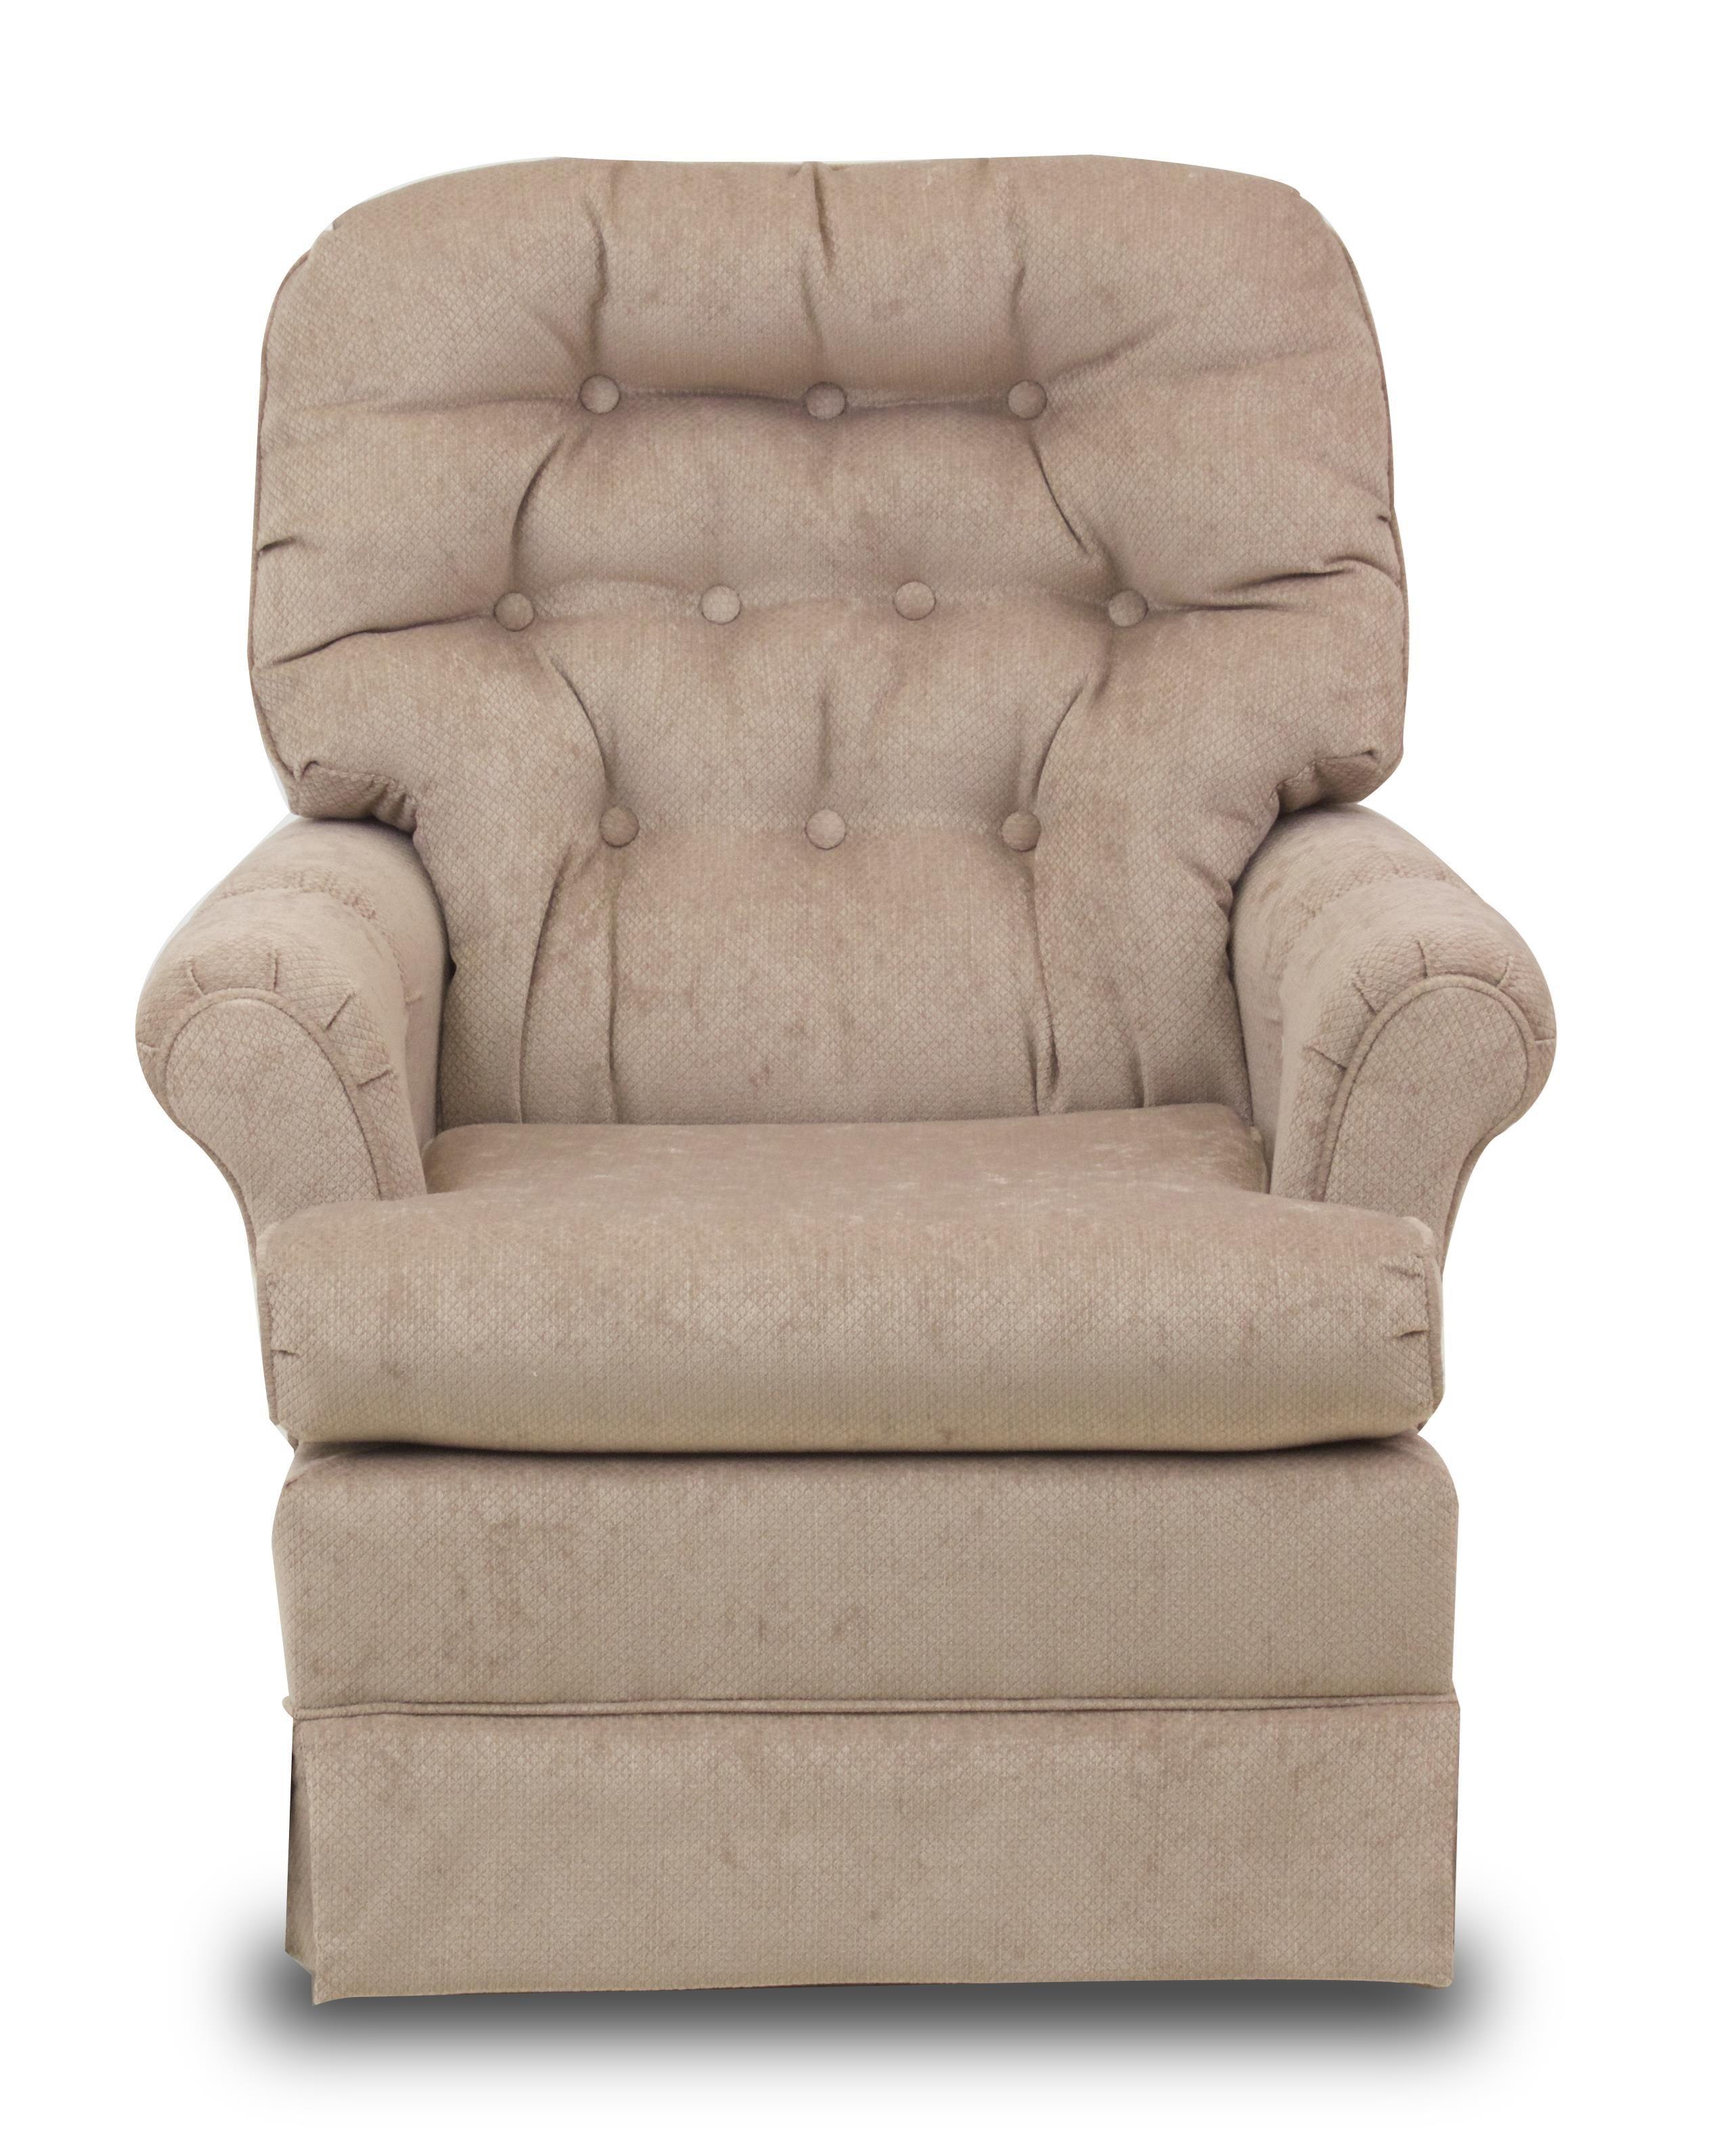 Best Home Furnishings Swivel Glide ChairsMarla Swivel Rocker Chair